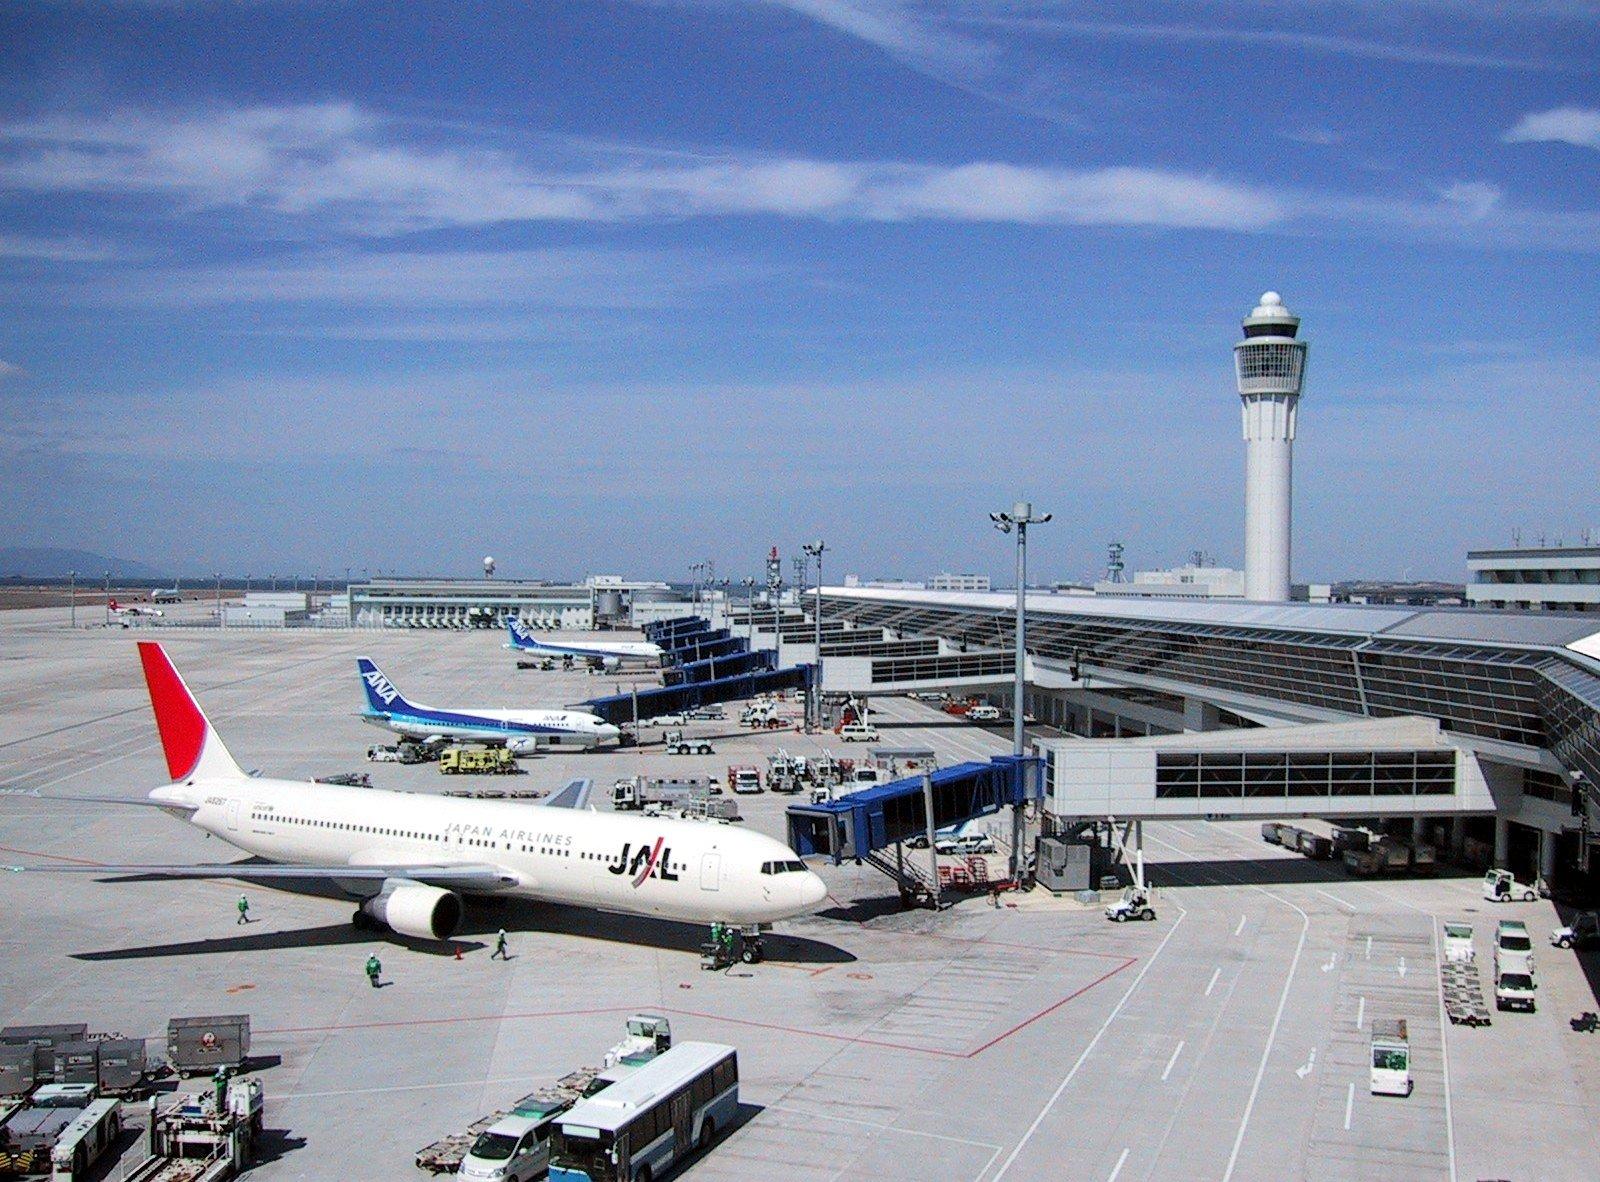 Airport at Tawang